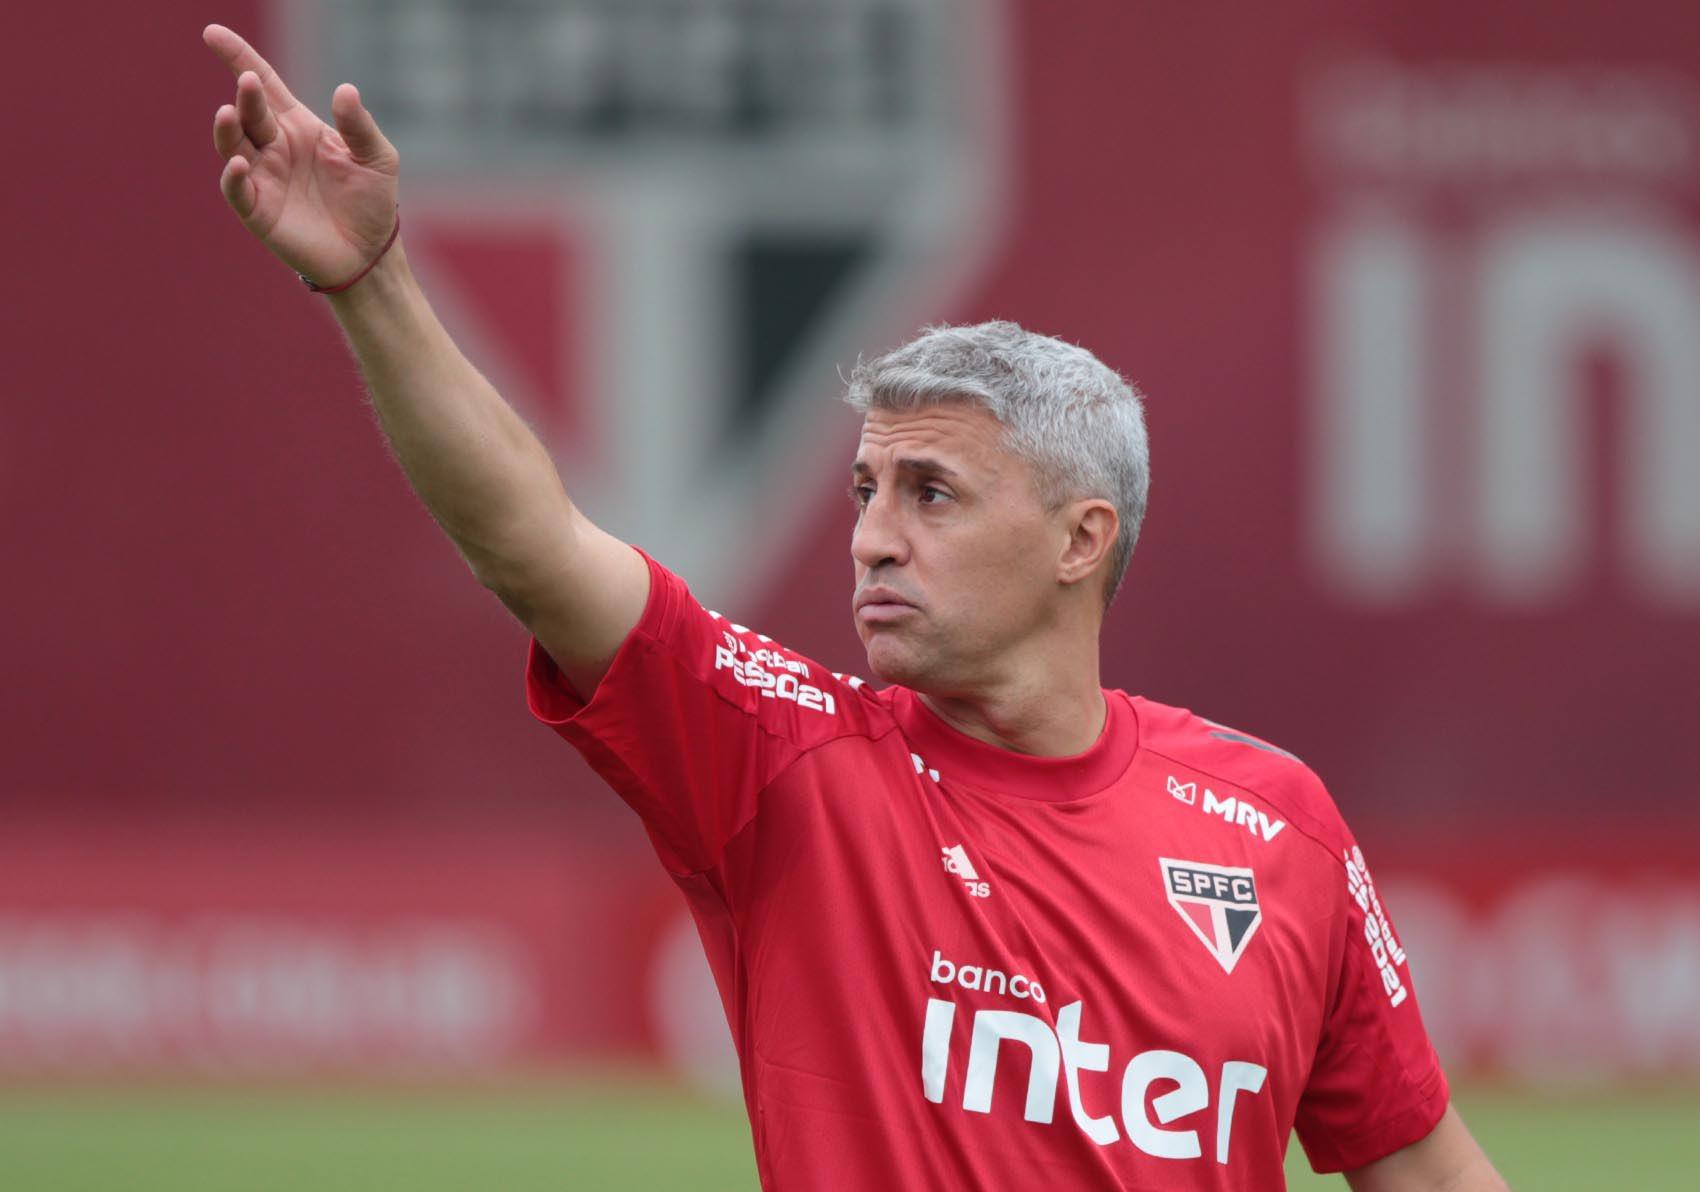 Após empates e críticas, São Paulo anuncia saída do técnico Hernán Crespo - SPFC/Divulgação